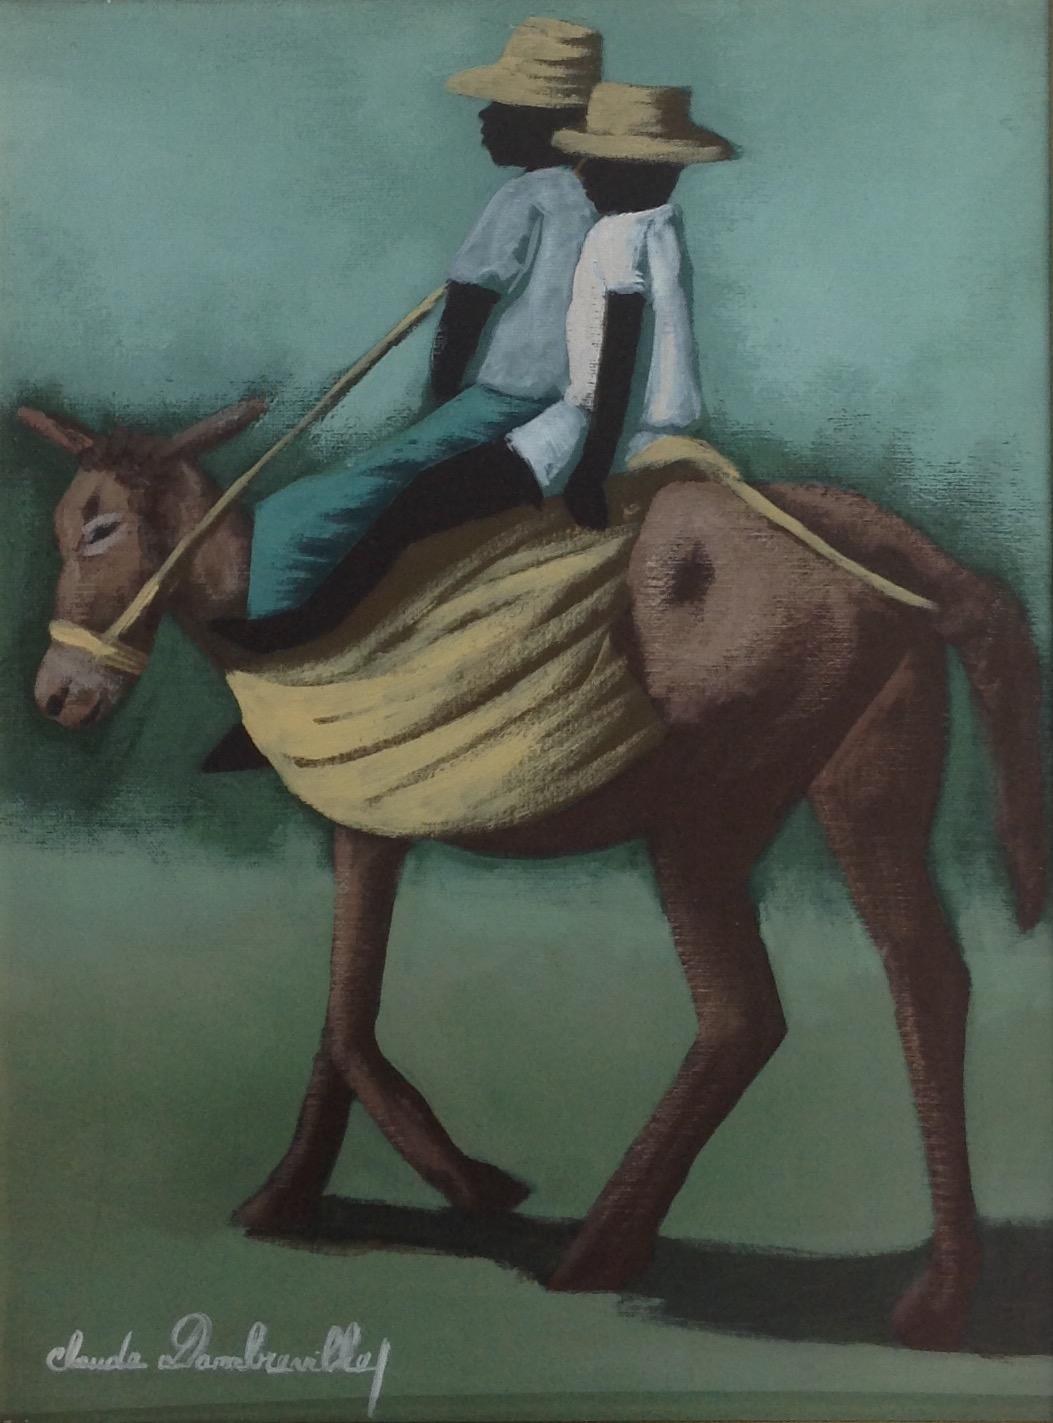 Dambreville Claude 12X16 #175-3-96 canvas 1997